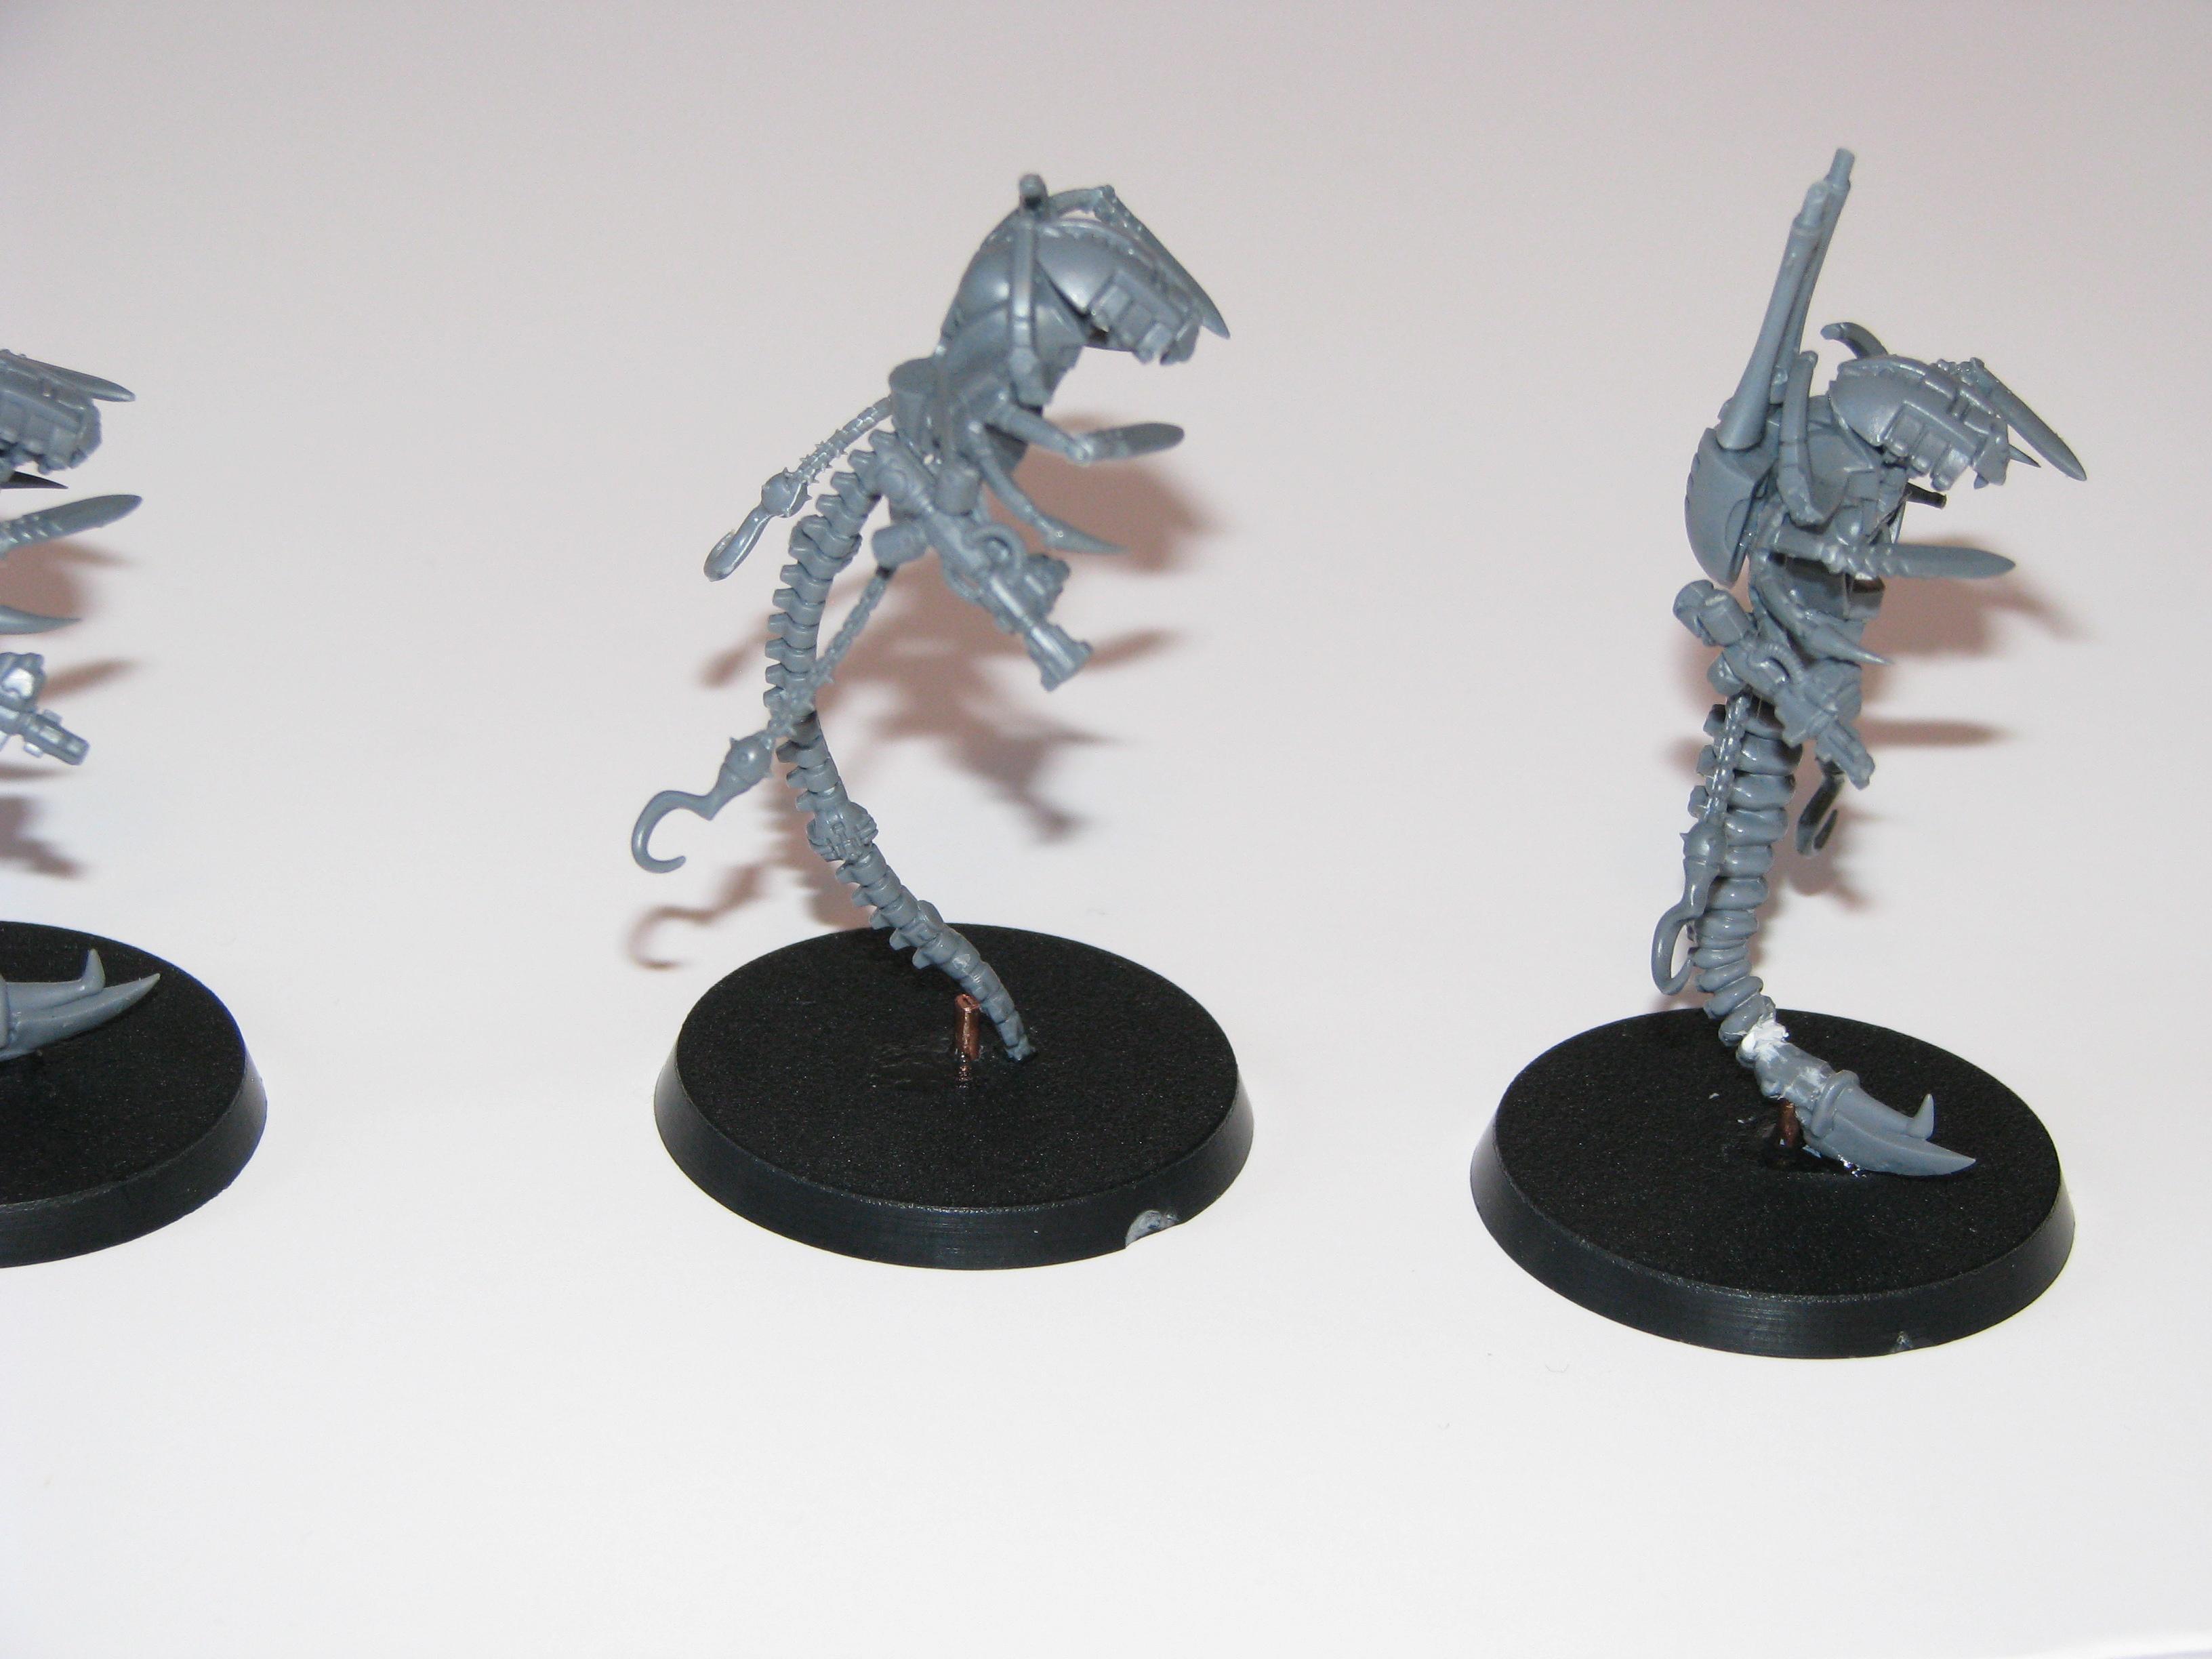 Necrons, Wraith, Wraiths